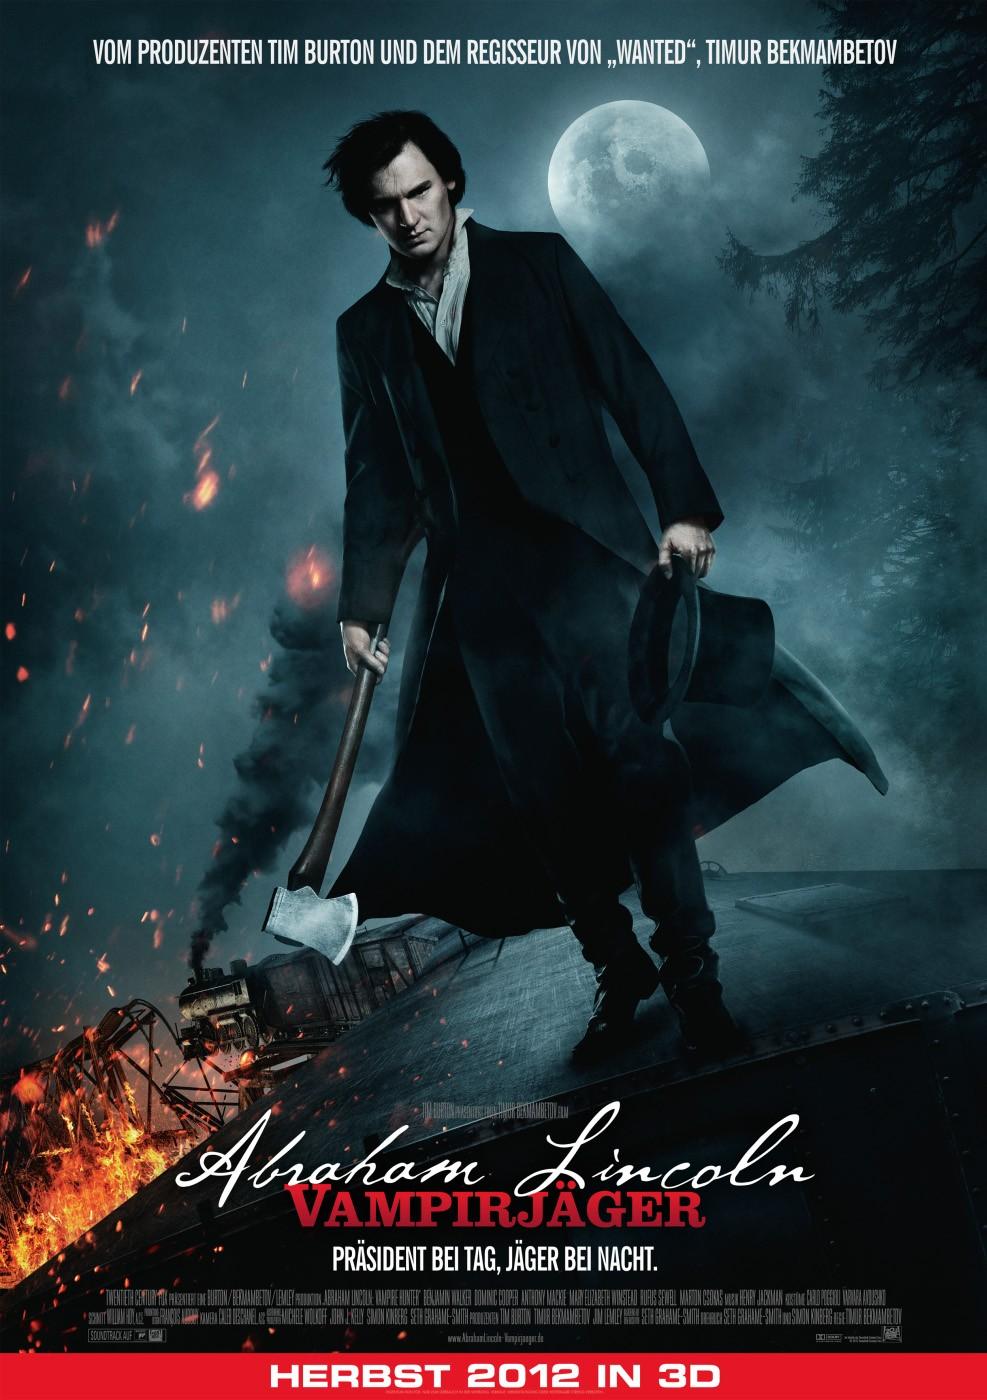 Abraham Lincoln Der Vampirjäger